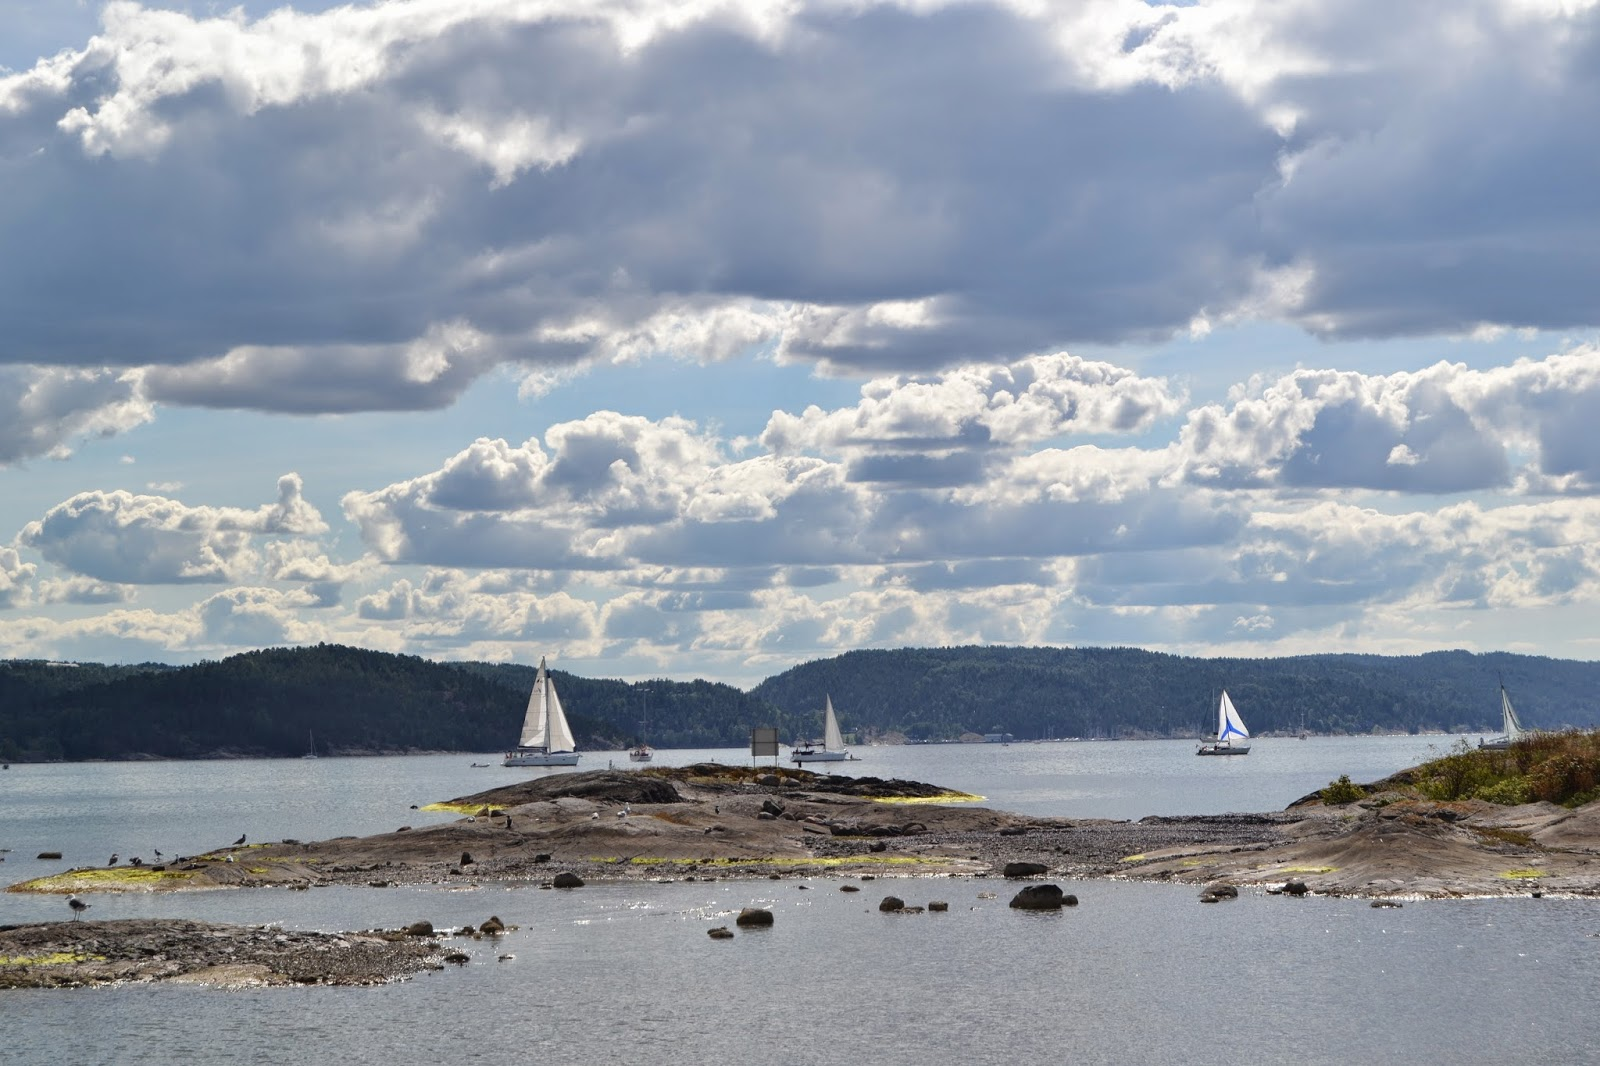 Oslo boats